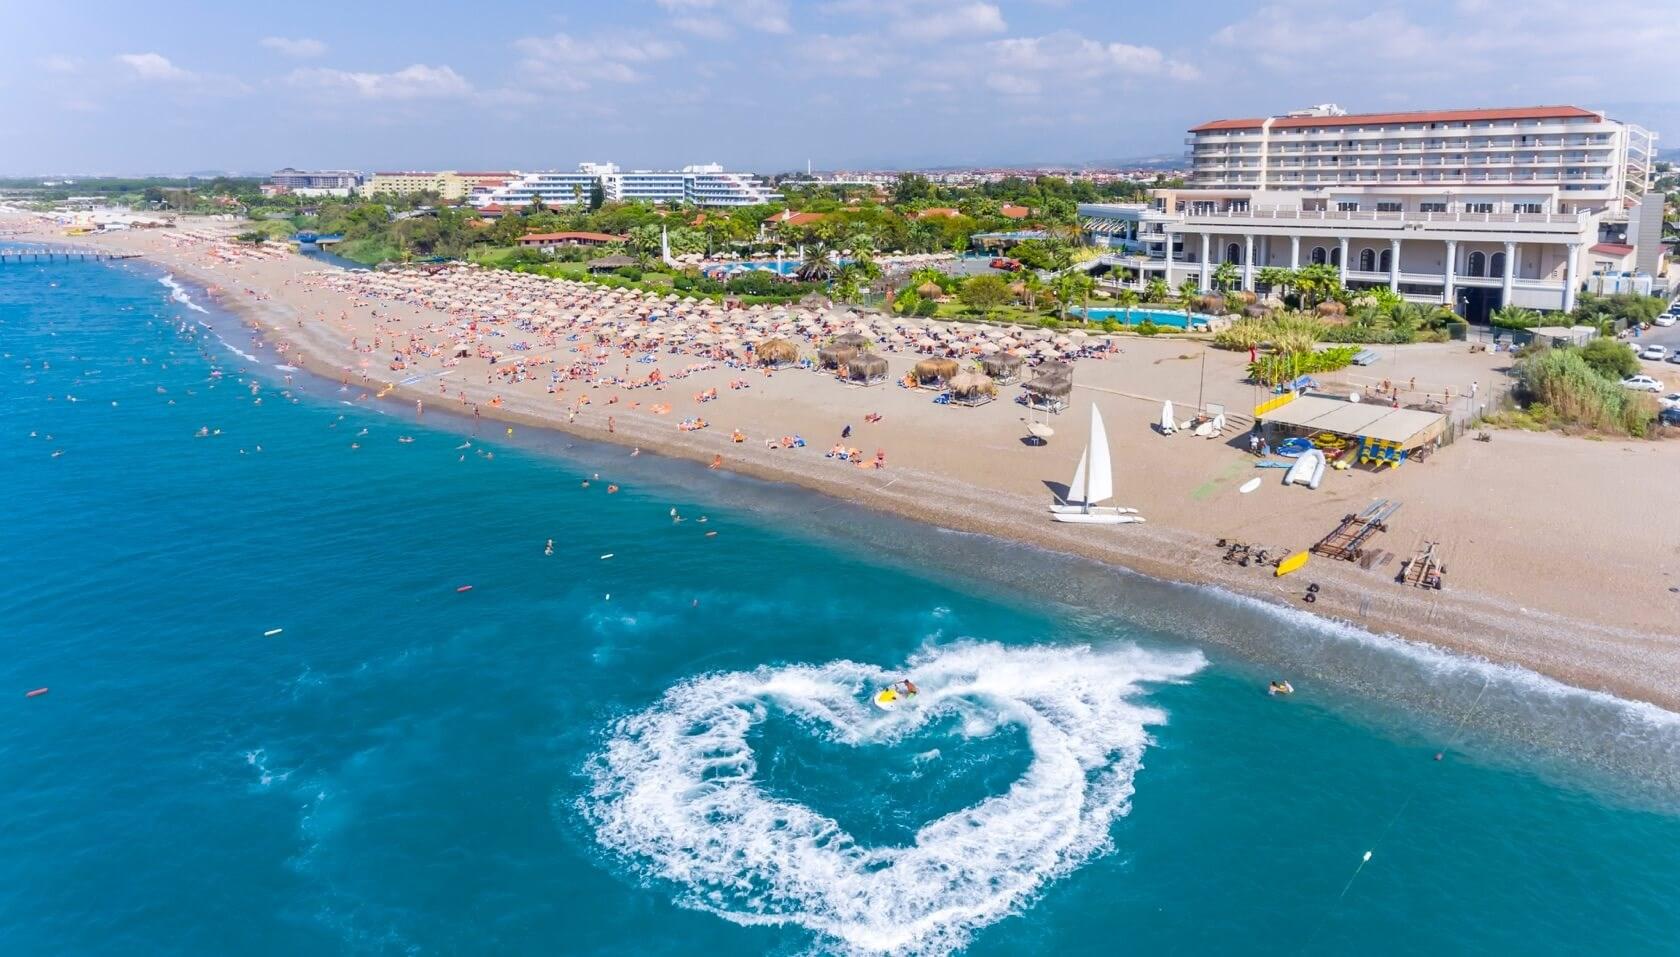 Starlight Resort - Side - Turecko - Pobytové zájazdy   SENECA TOURS